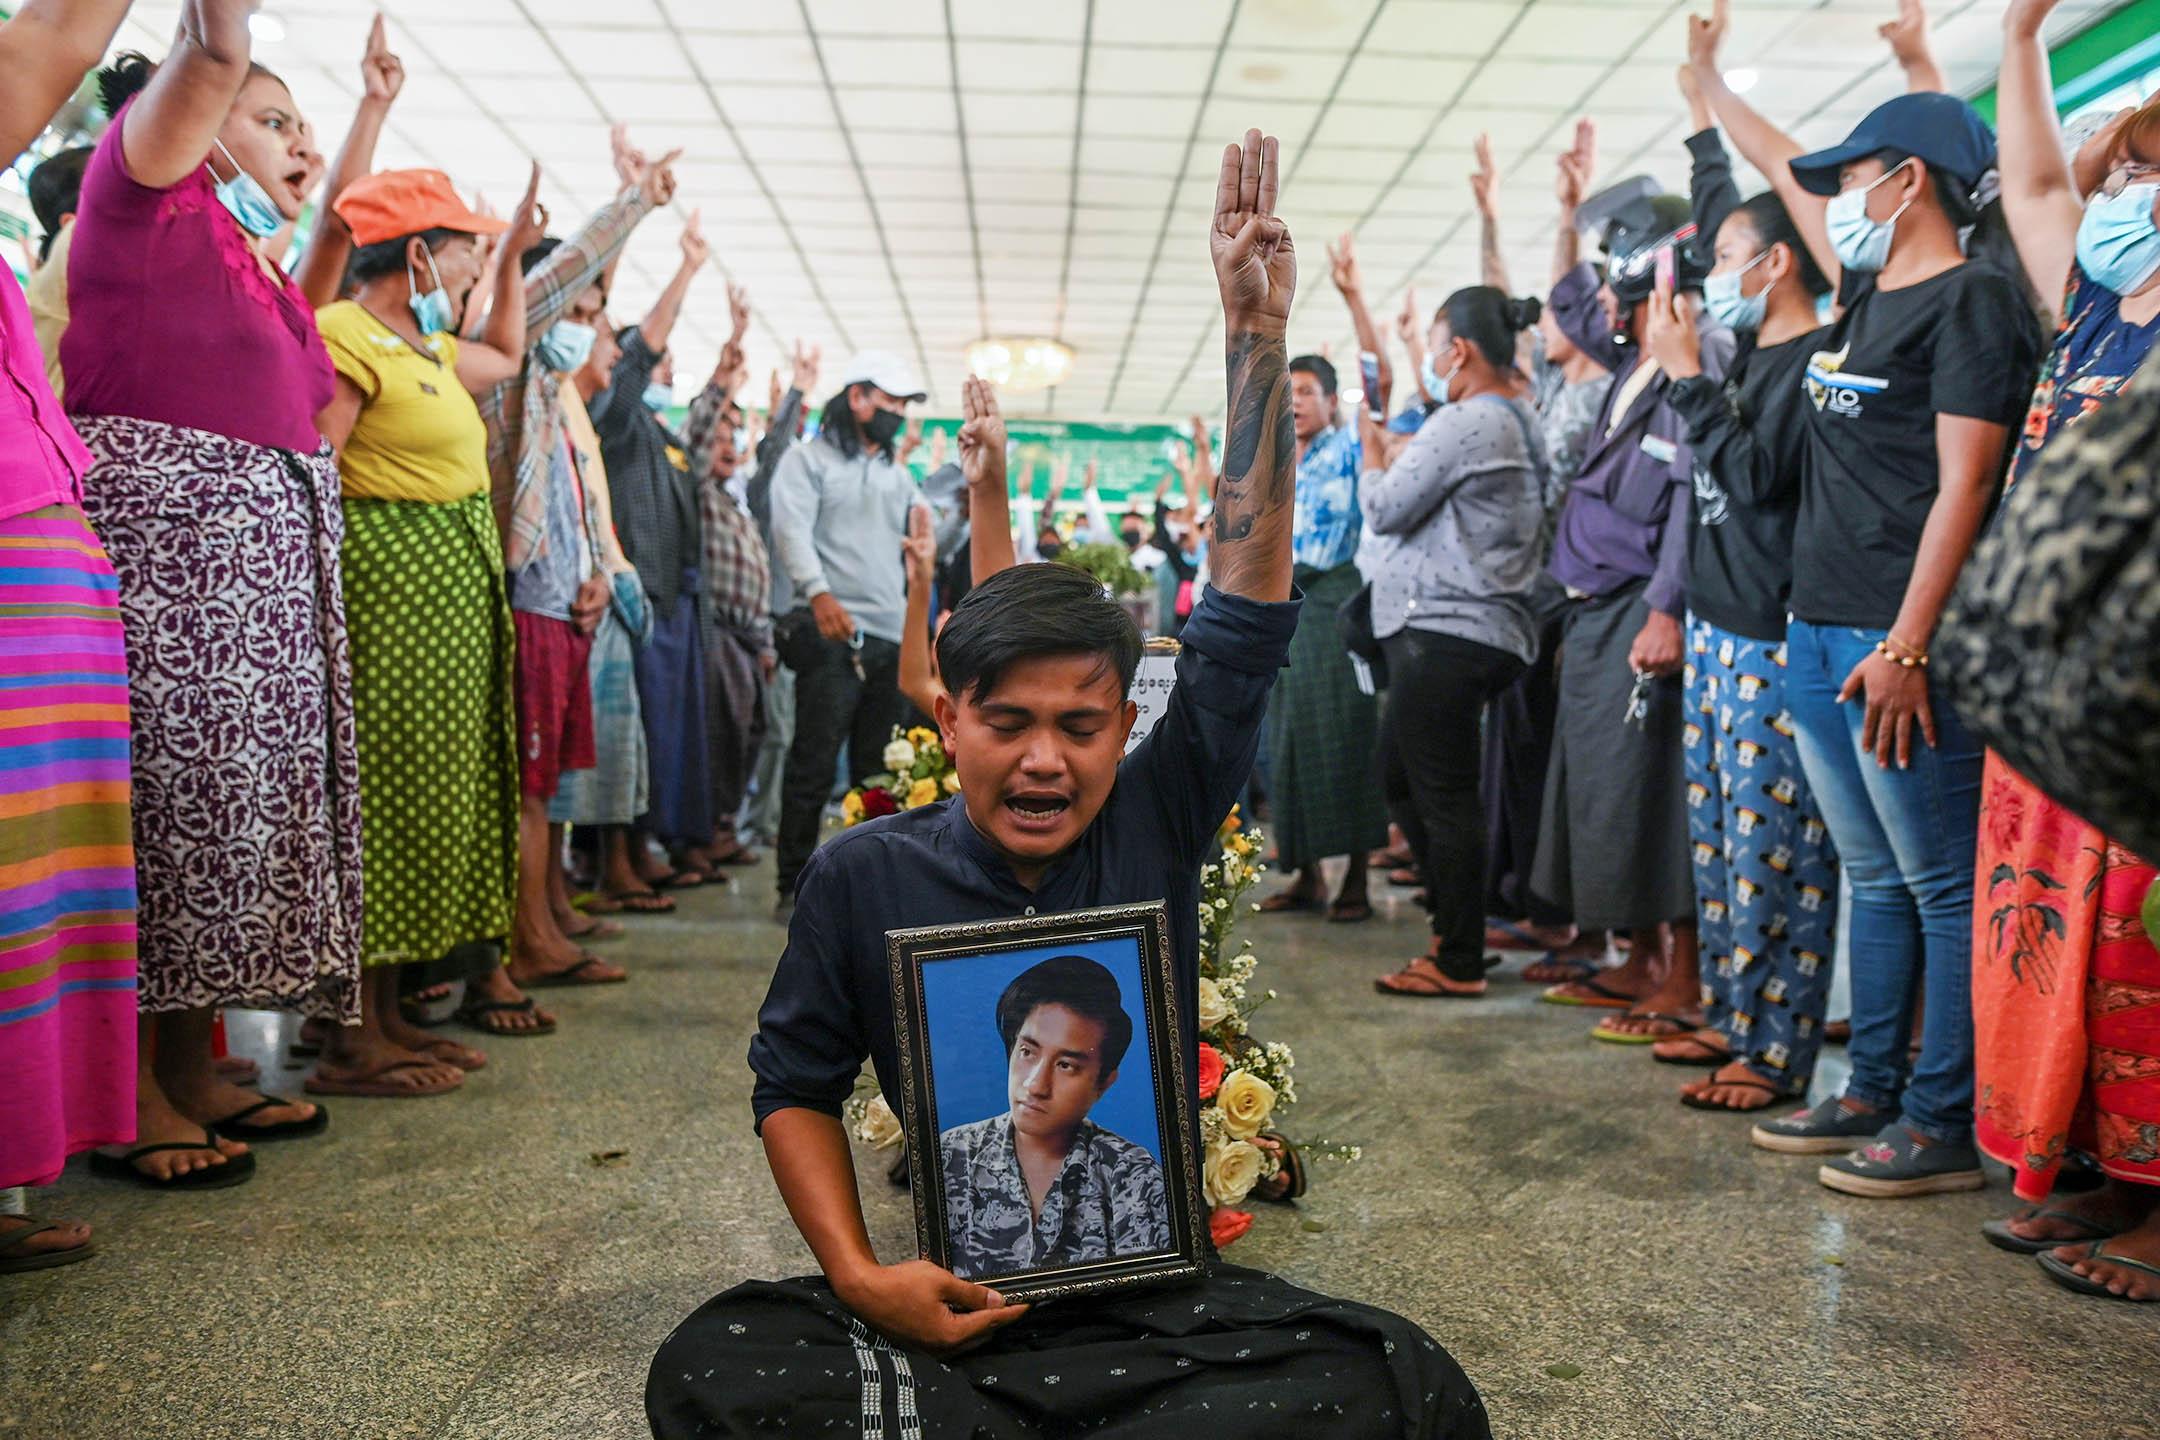 2021年3月5日緬甸仰光,反政變抗議活動中有示威者喪生,人們揮舞著三指致敬。